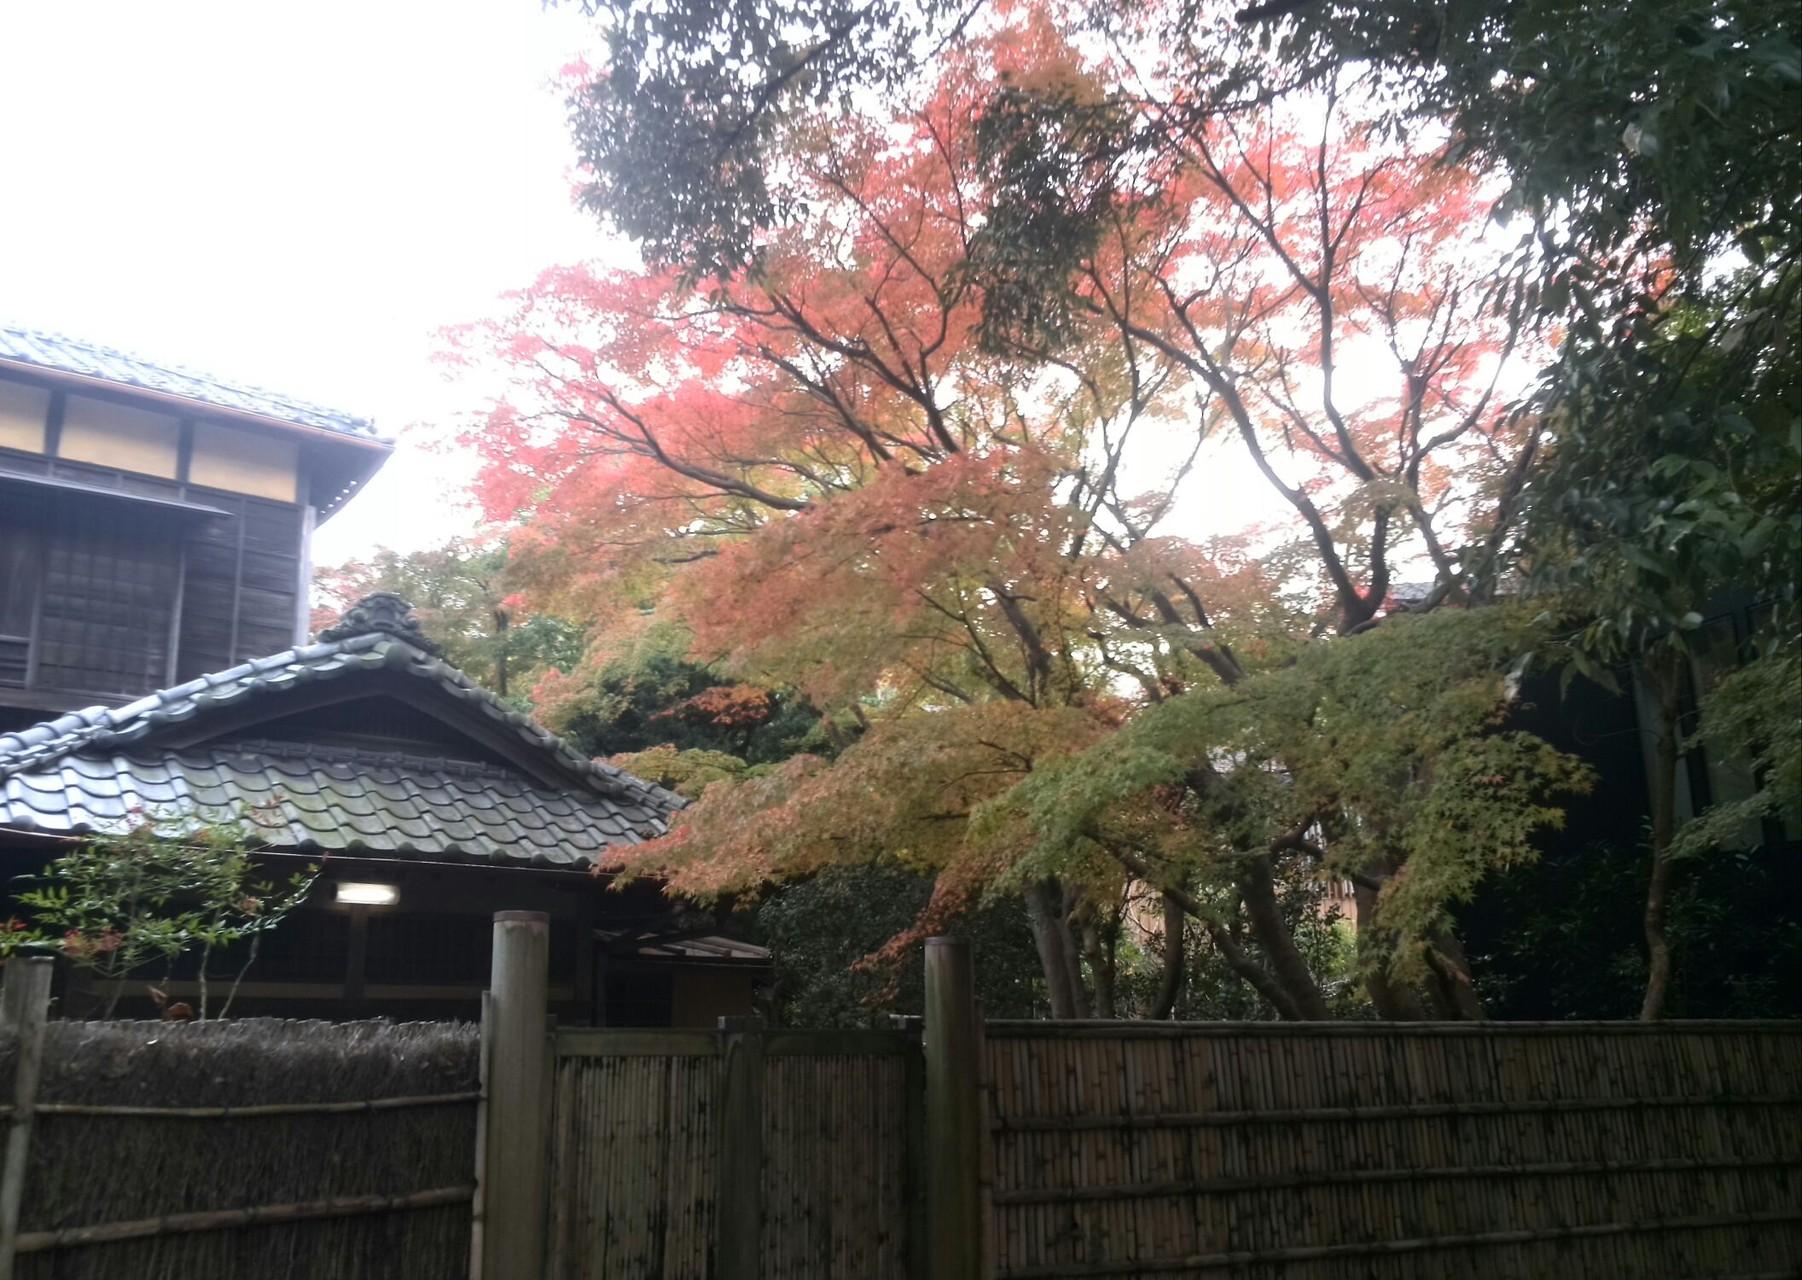 鎌倉宮近くの楓